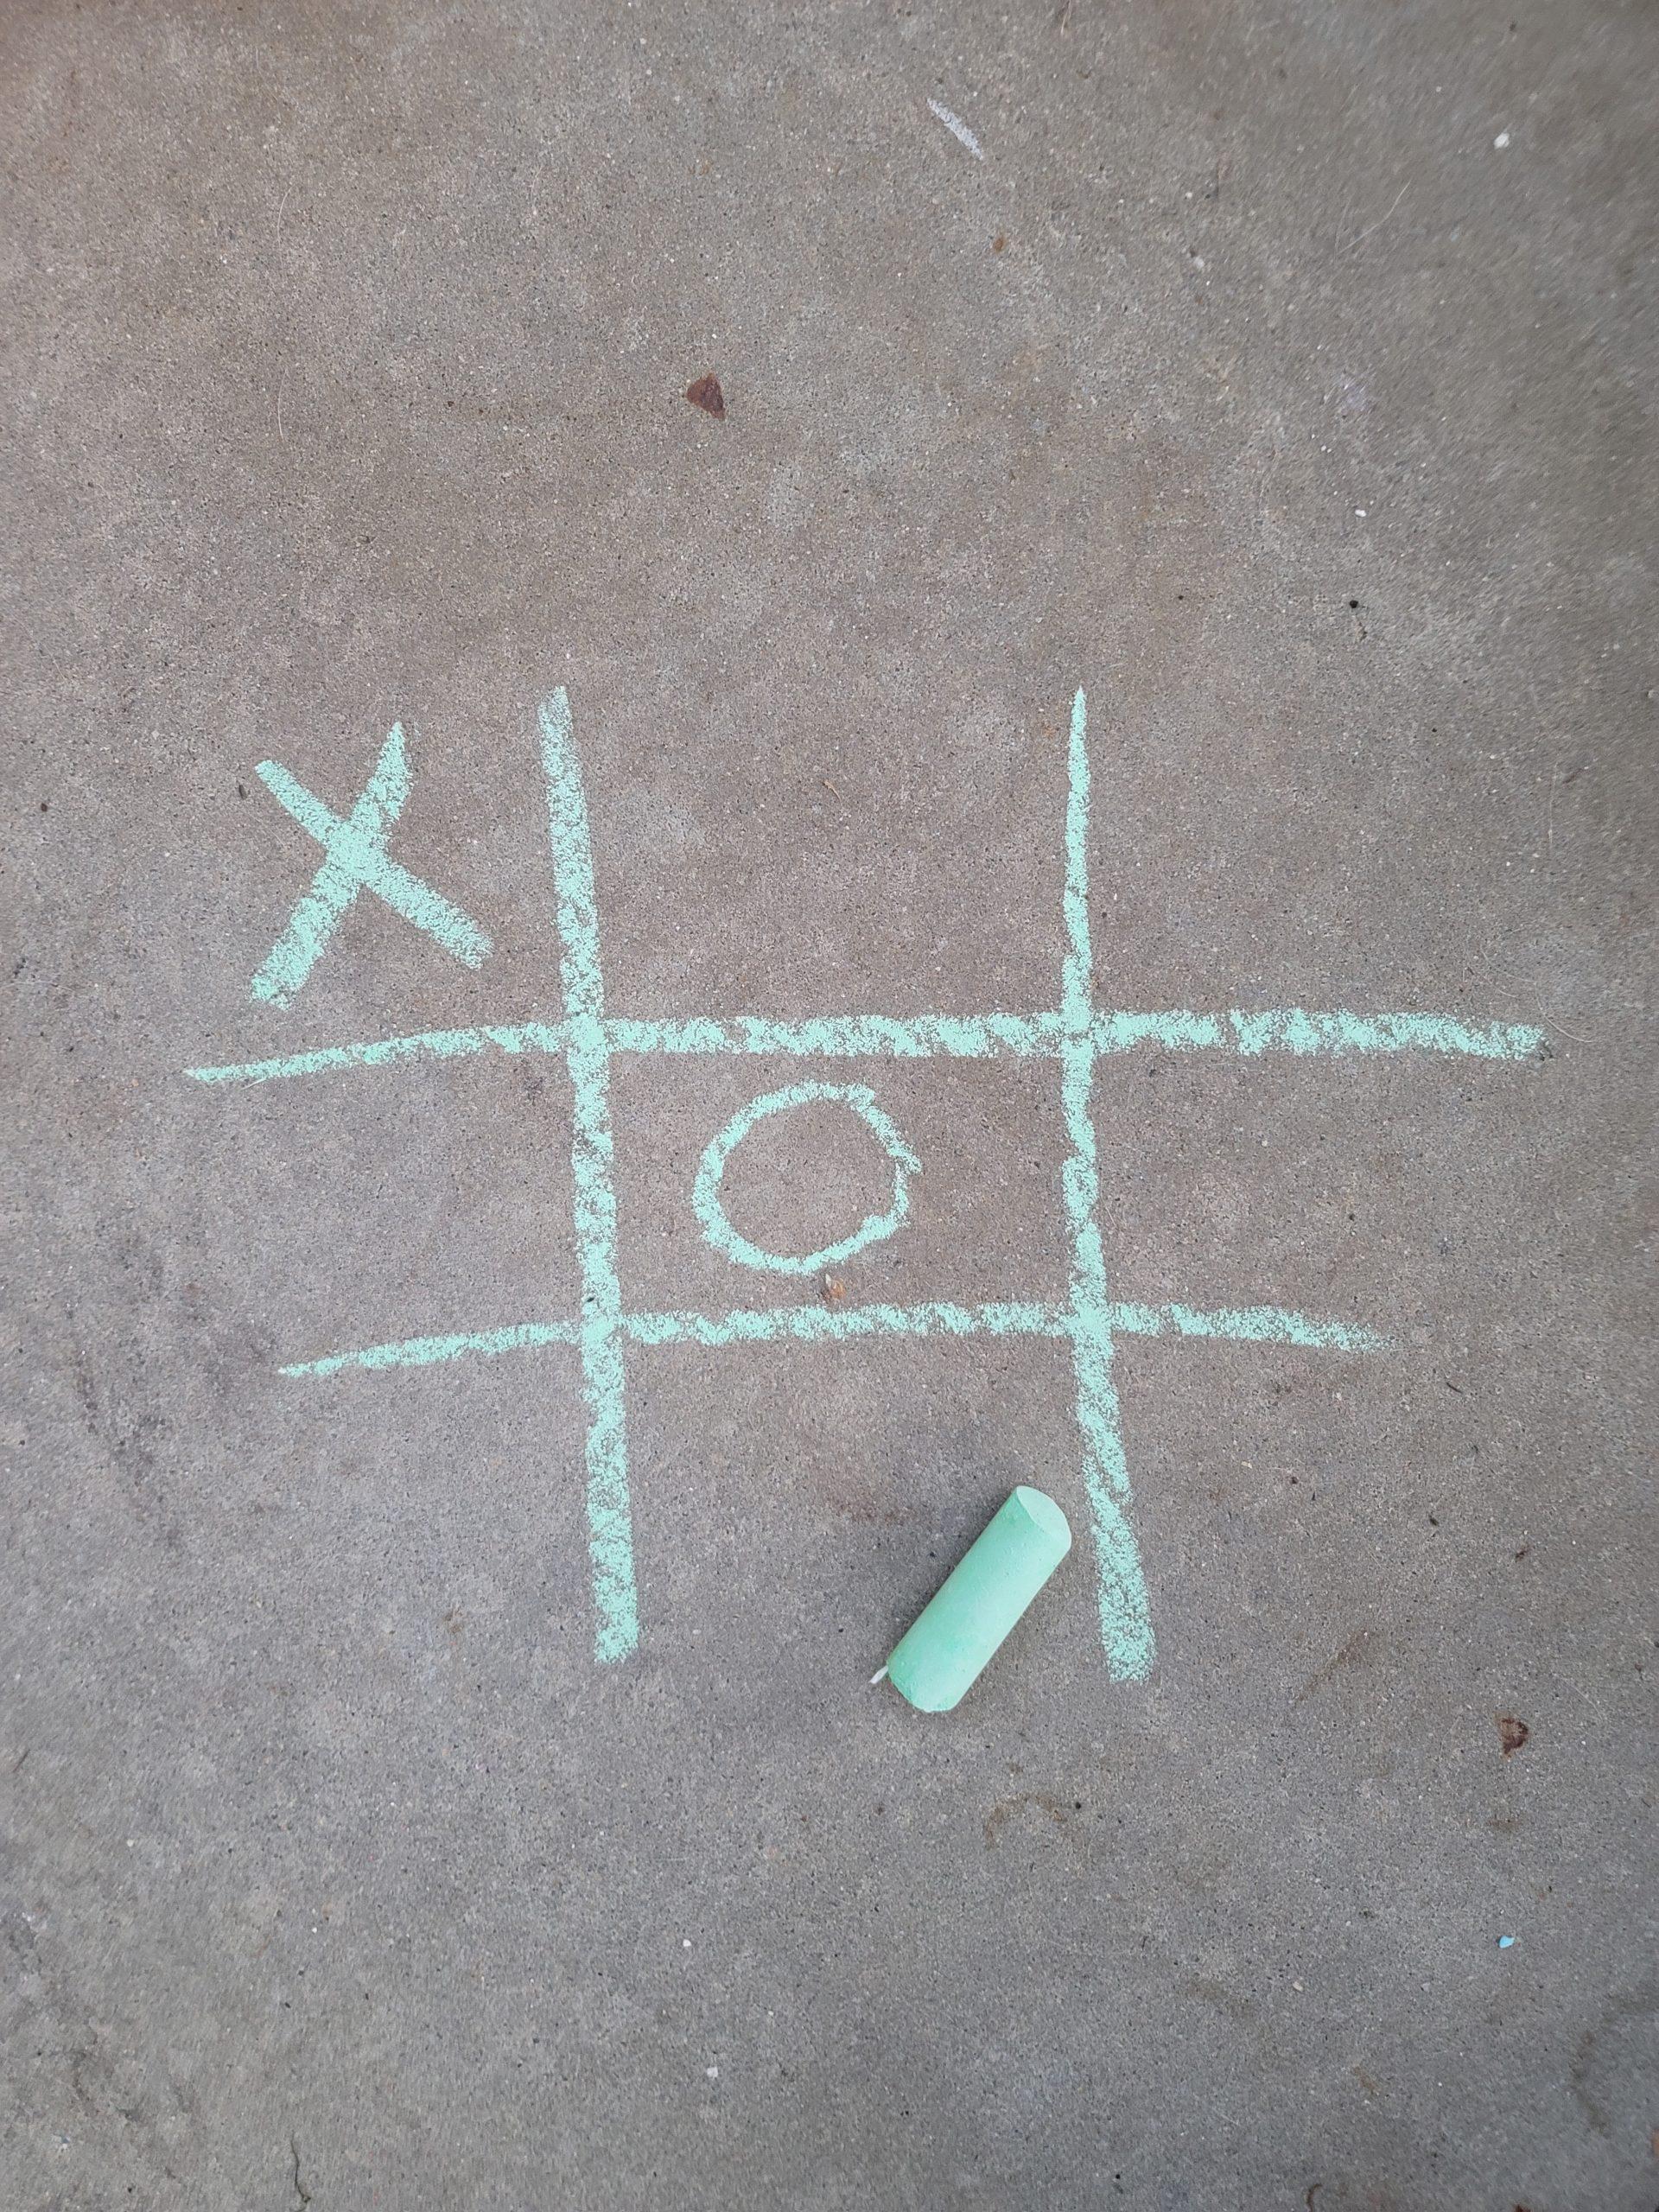 Tic tac toe sidewalk chalk